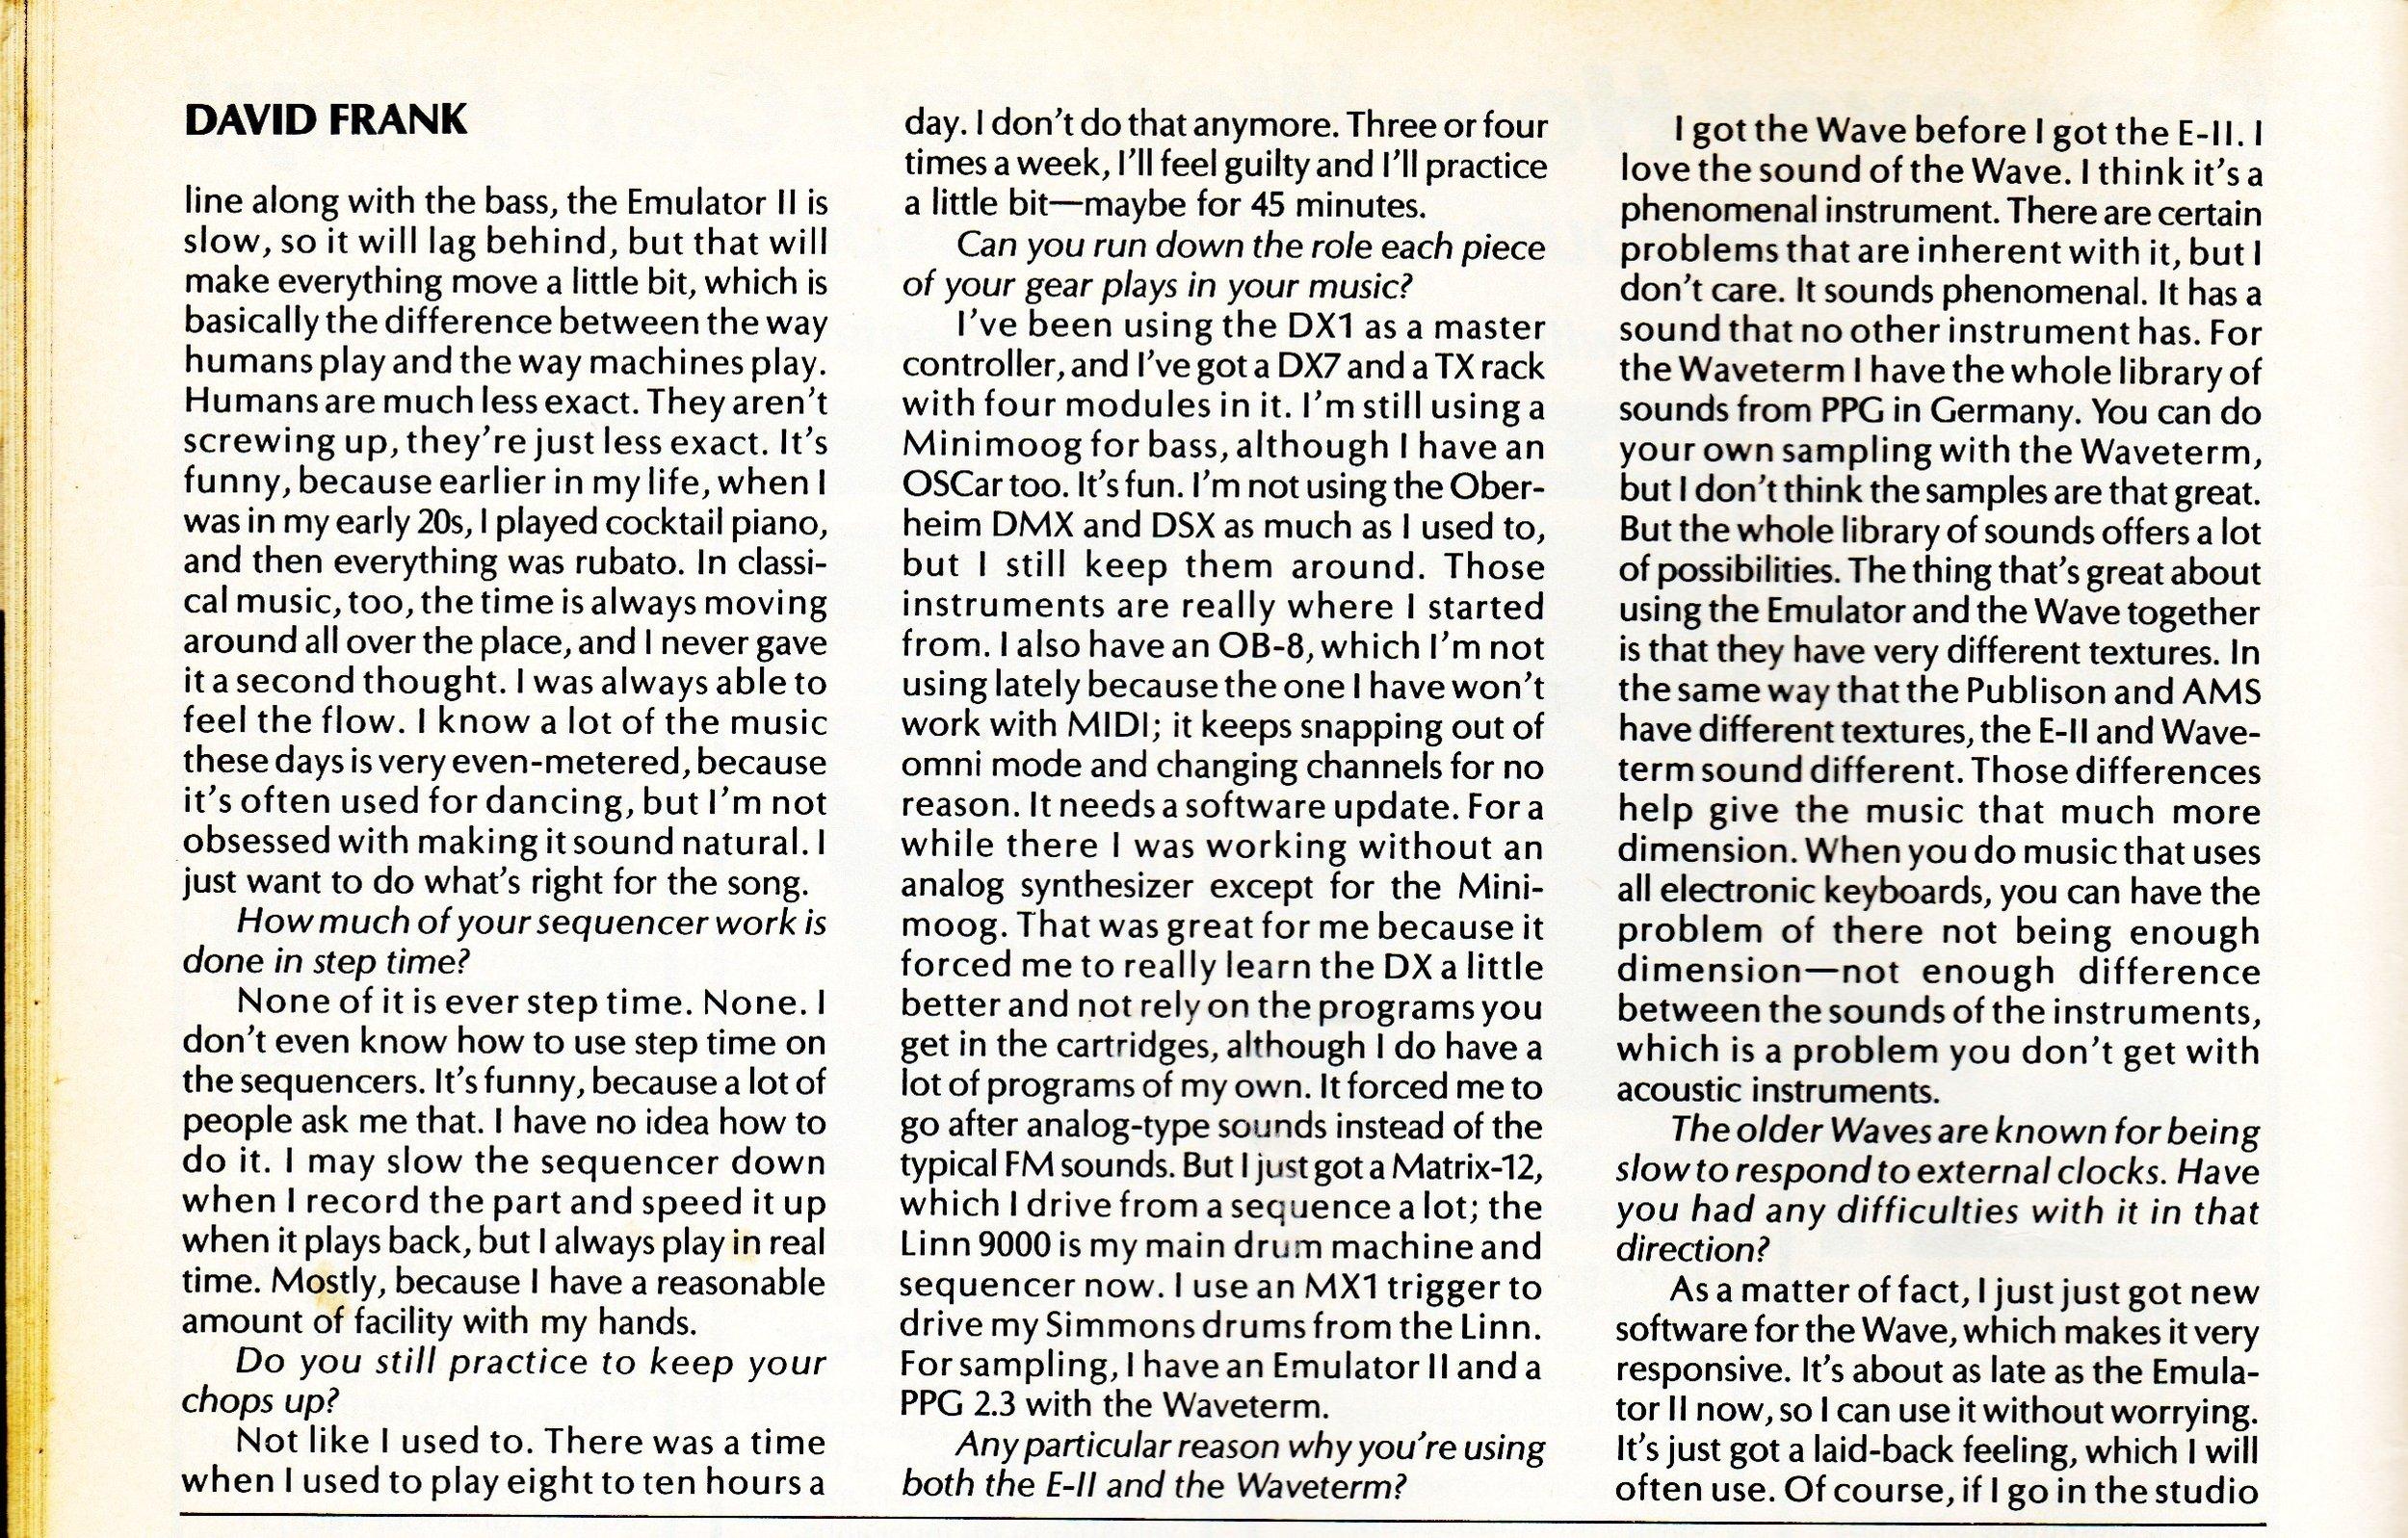 04 david frank keymag- pg 50